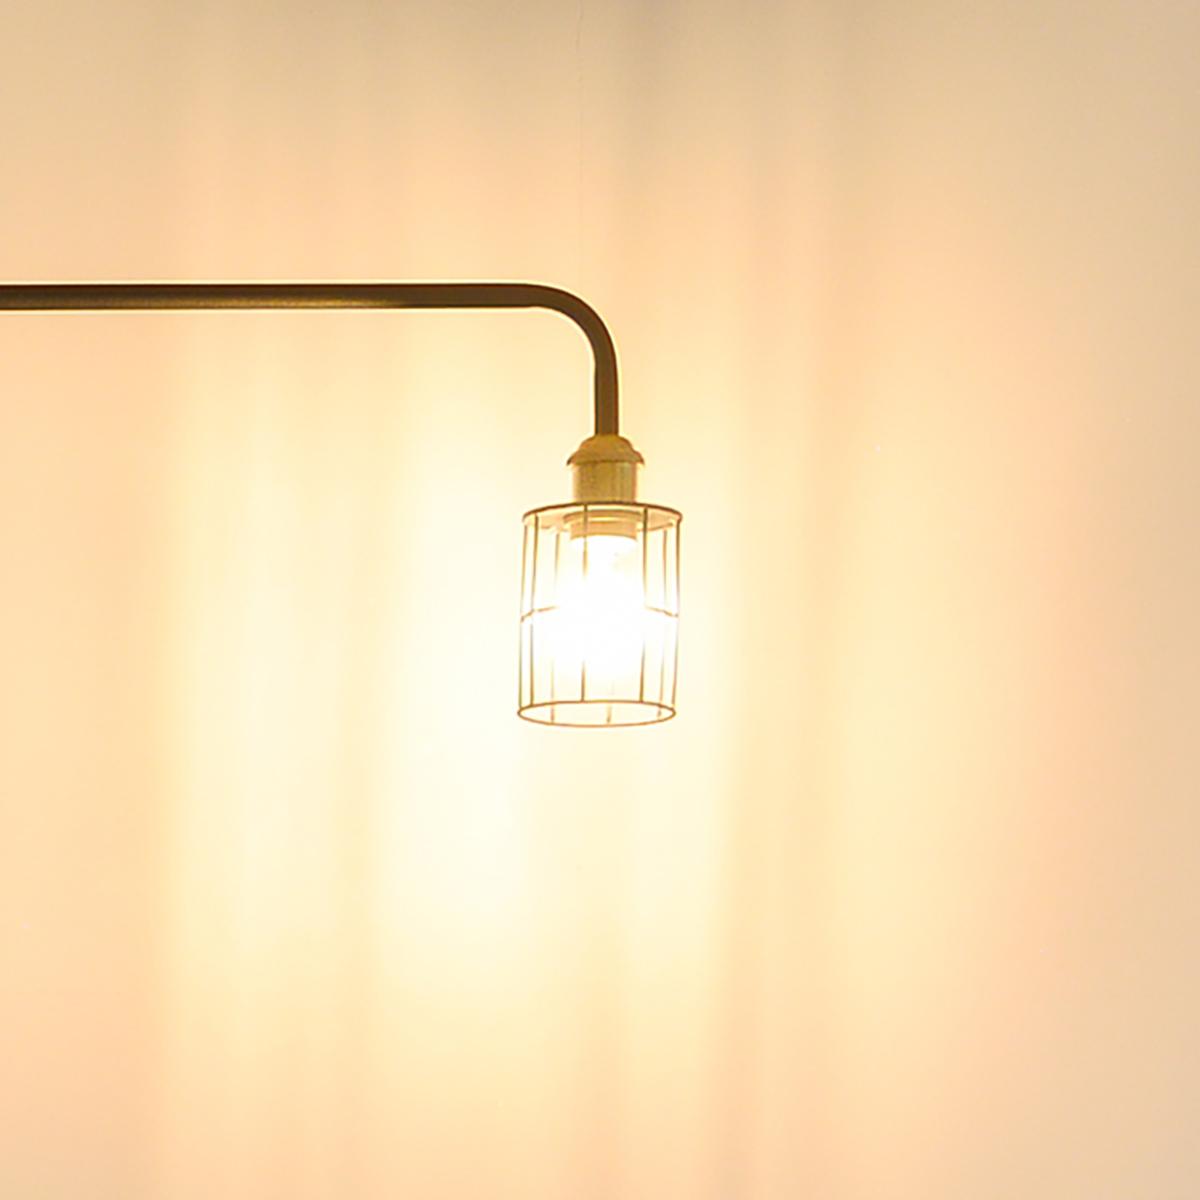 明るいリビング、落ち着いたベッドルーム、どんな部屋にもしっくり合うシンプルなデザインの照明とテーブルがセットできる「つっぱり棒」|DRAW A LINE ランプシリーズ